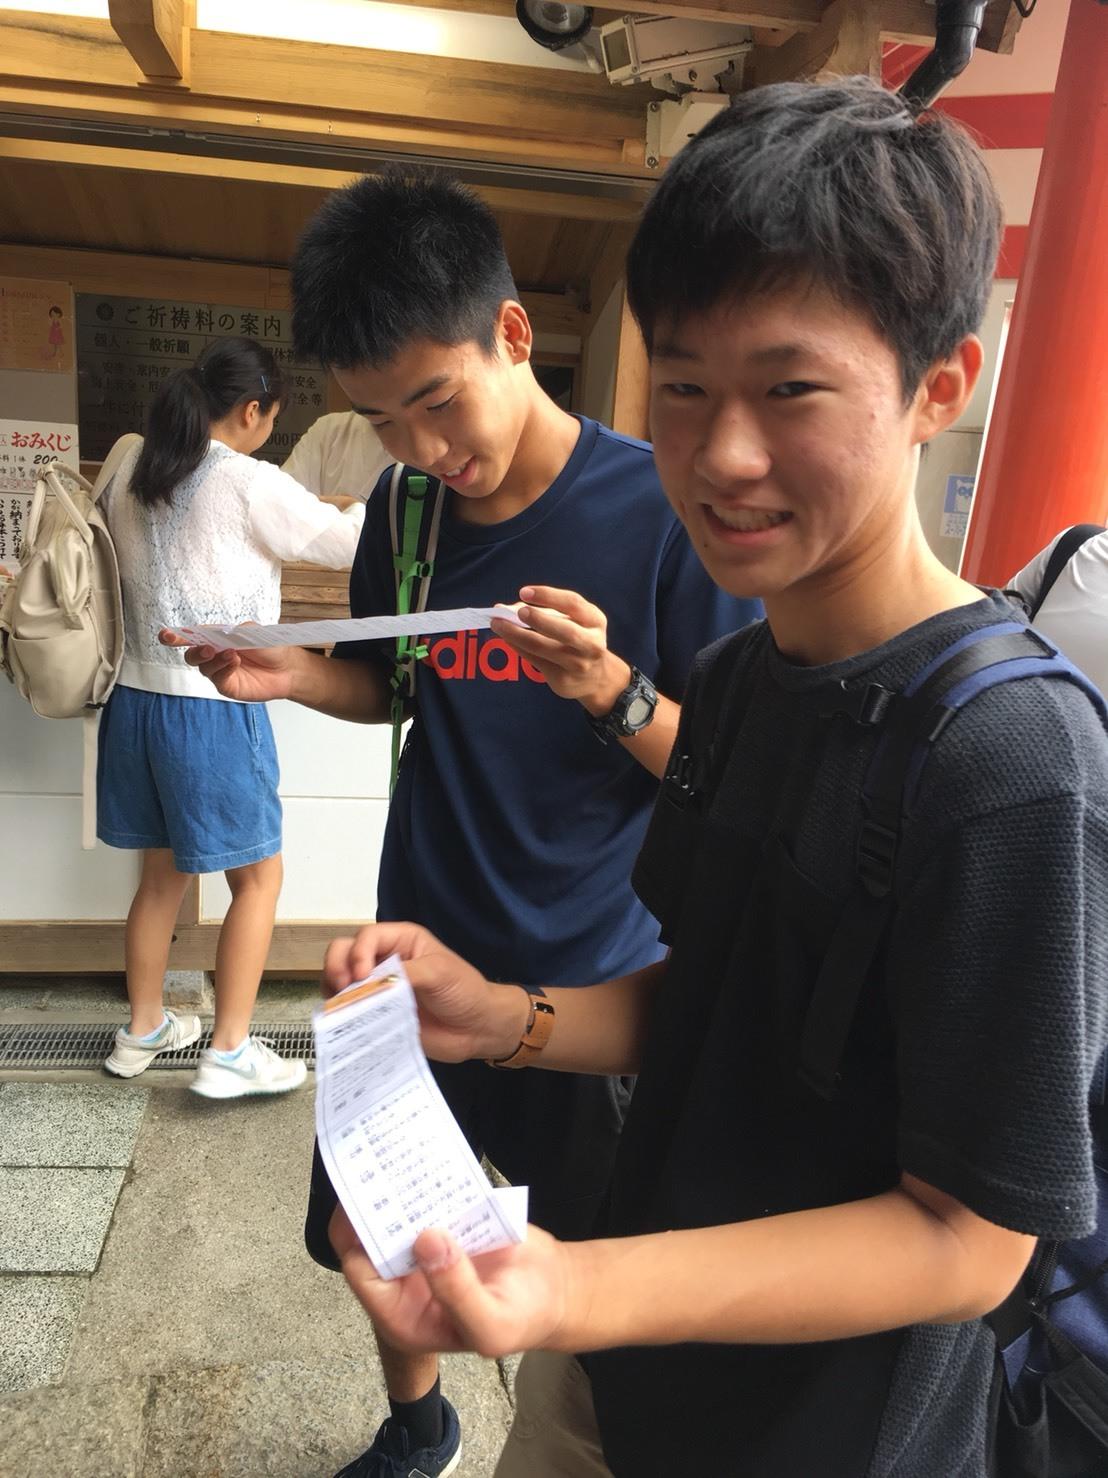 最高の学年による充実の宮崎夏合宿 -合宿1日目の写真-_d0116009_14533390.jpg